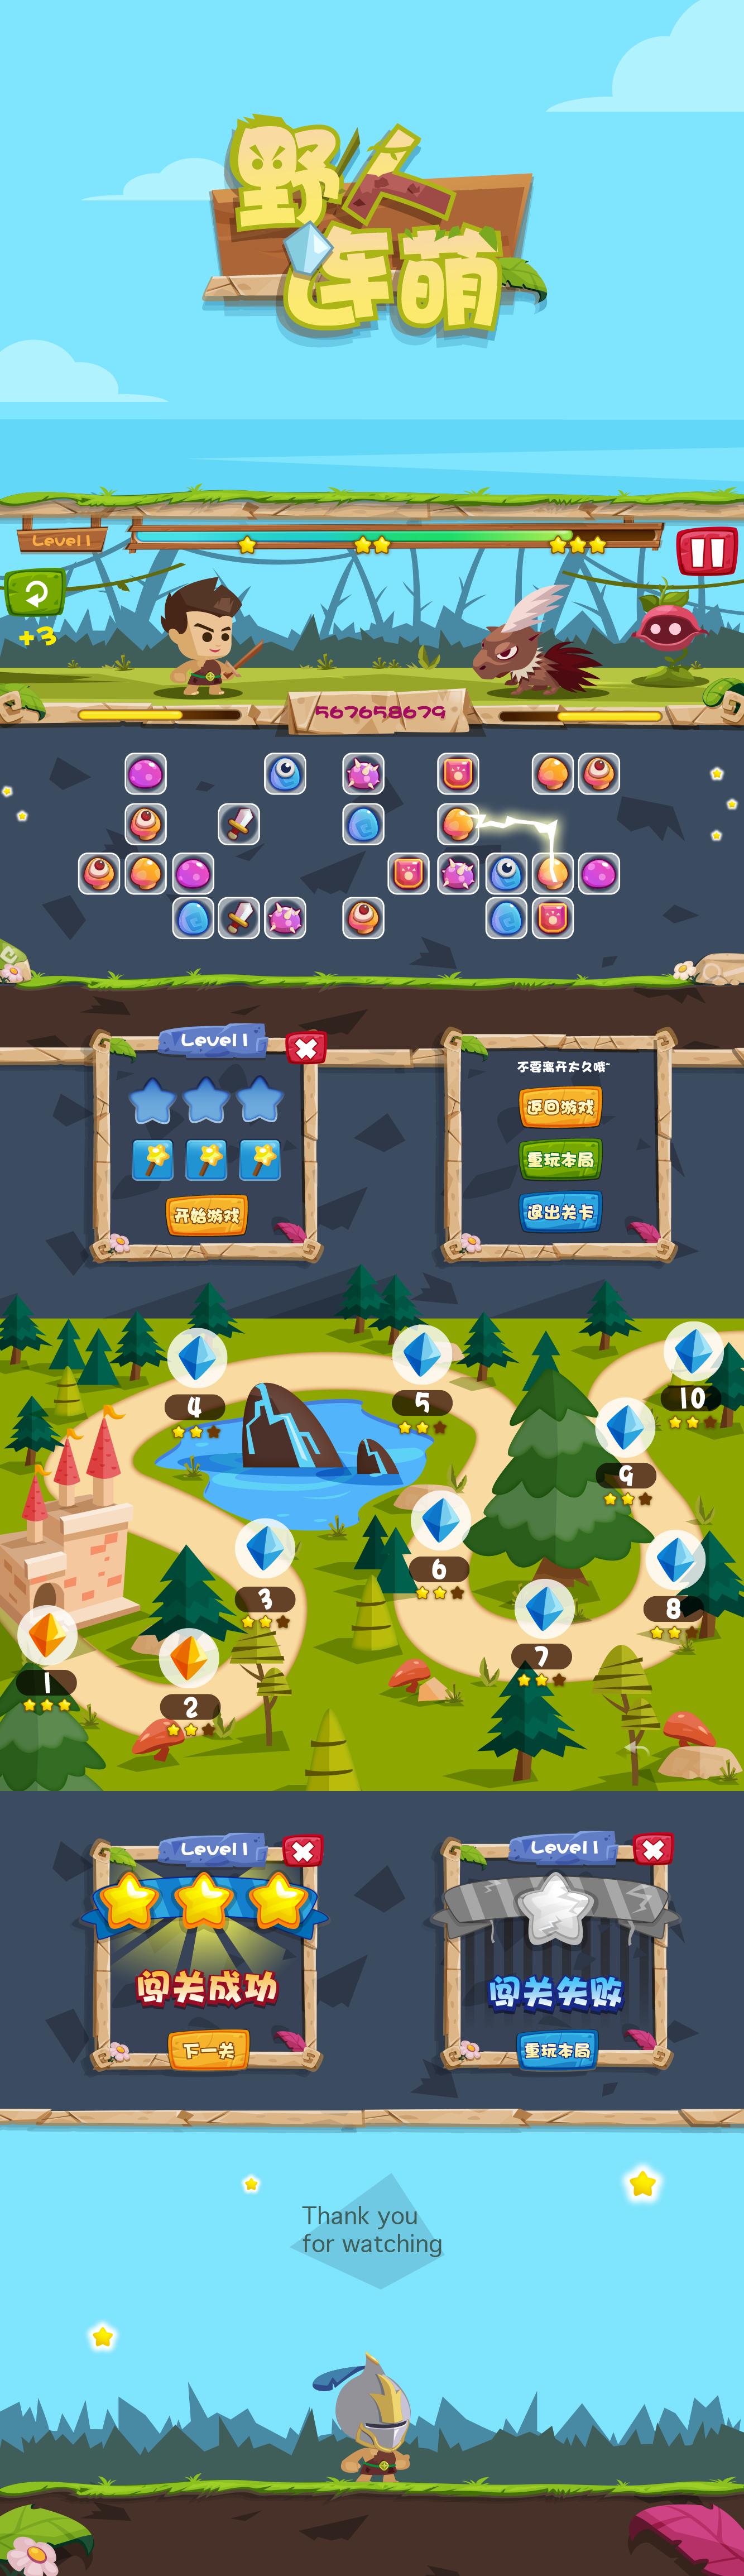 《野人连萌》GUI设计图0